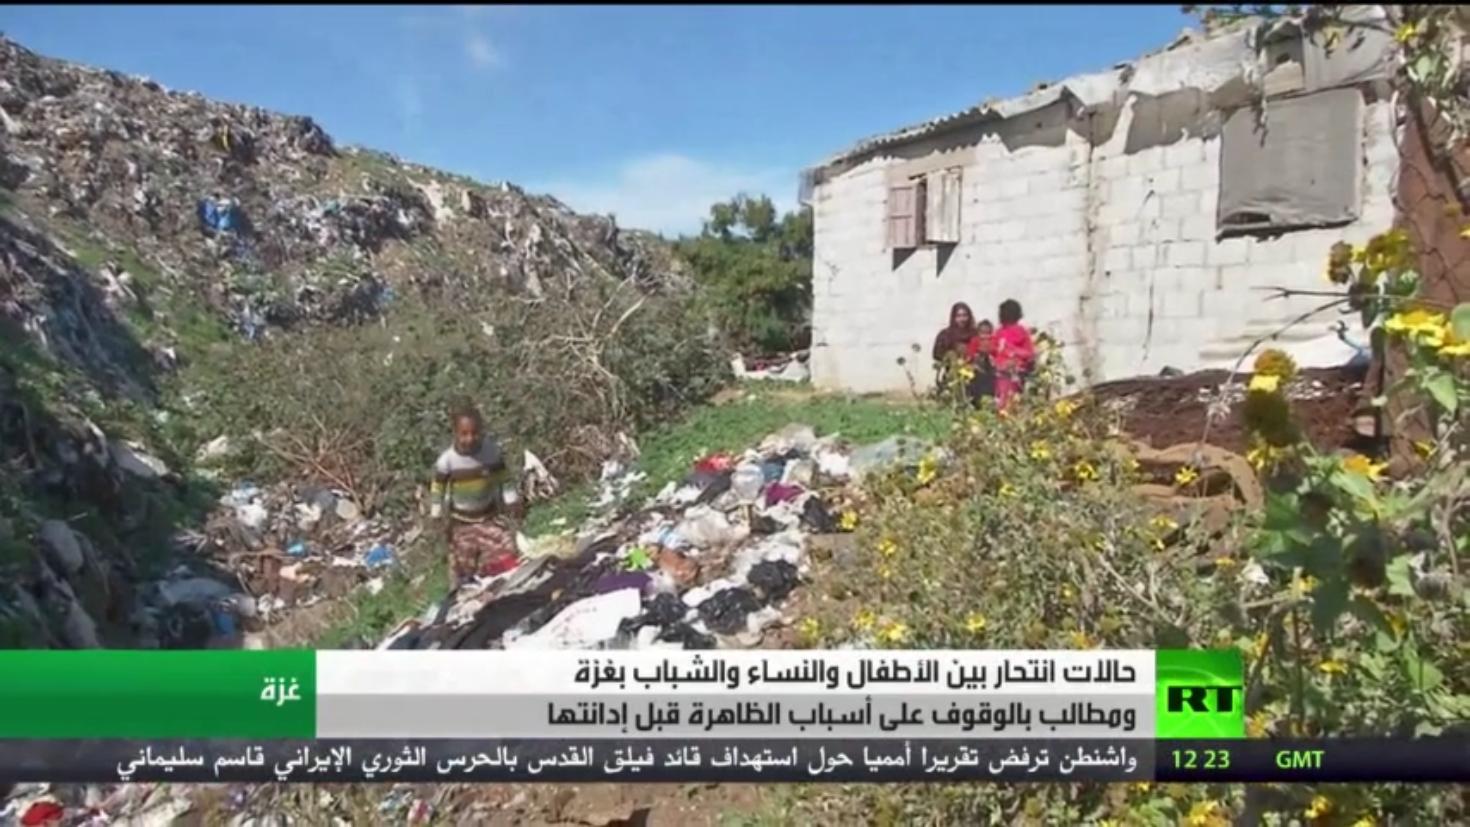 16 حالة انتحار في غزة منذ مطلع العام